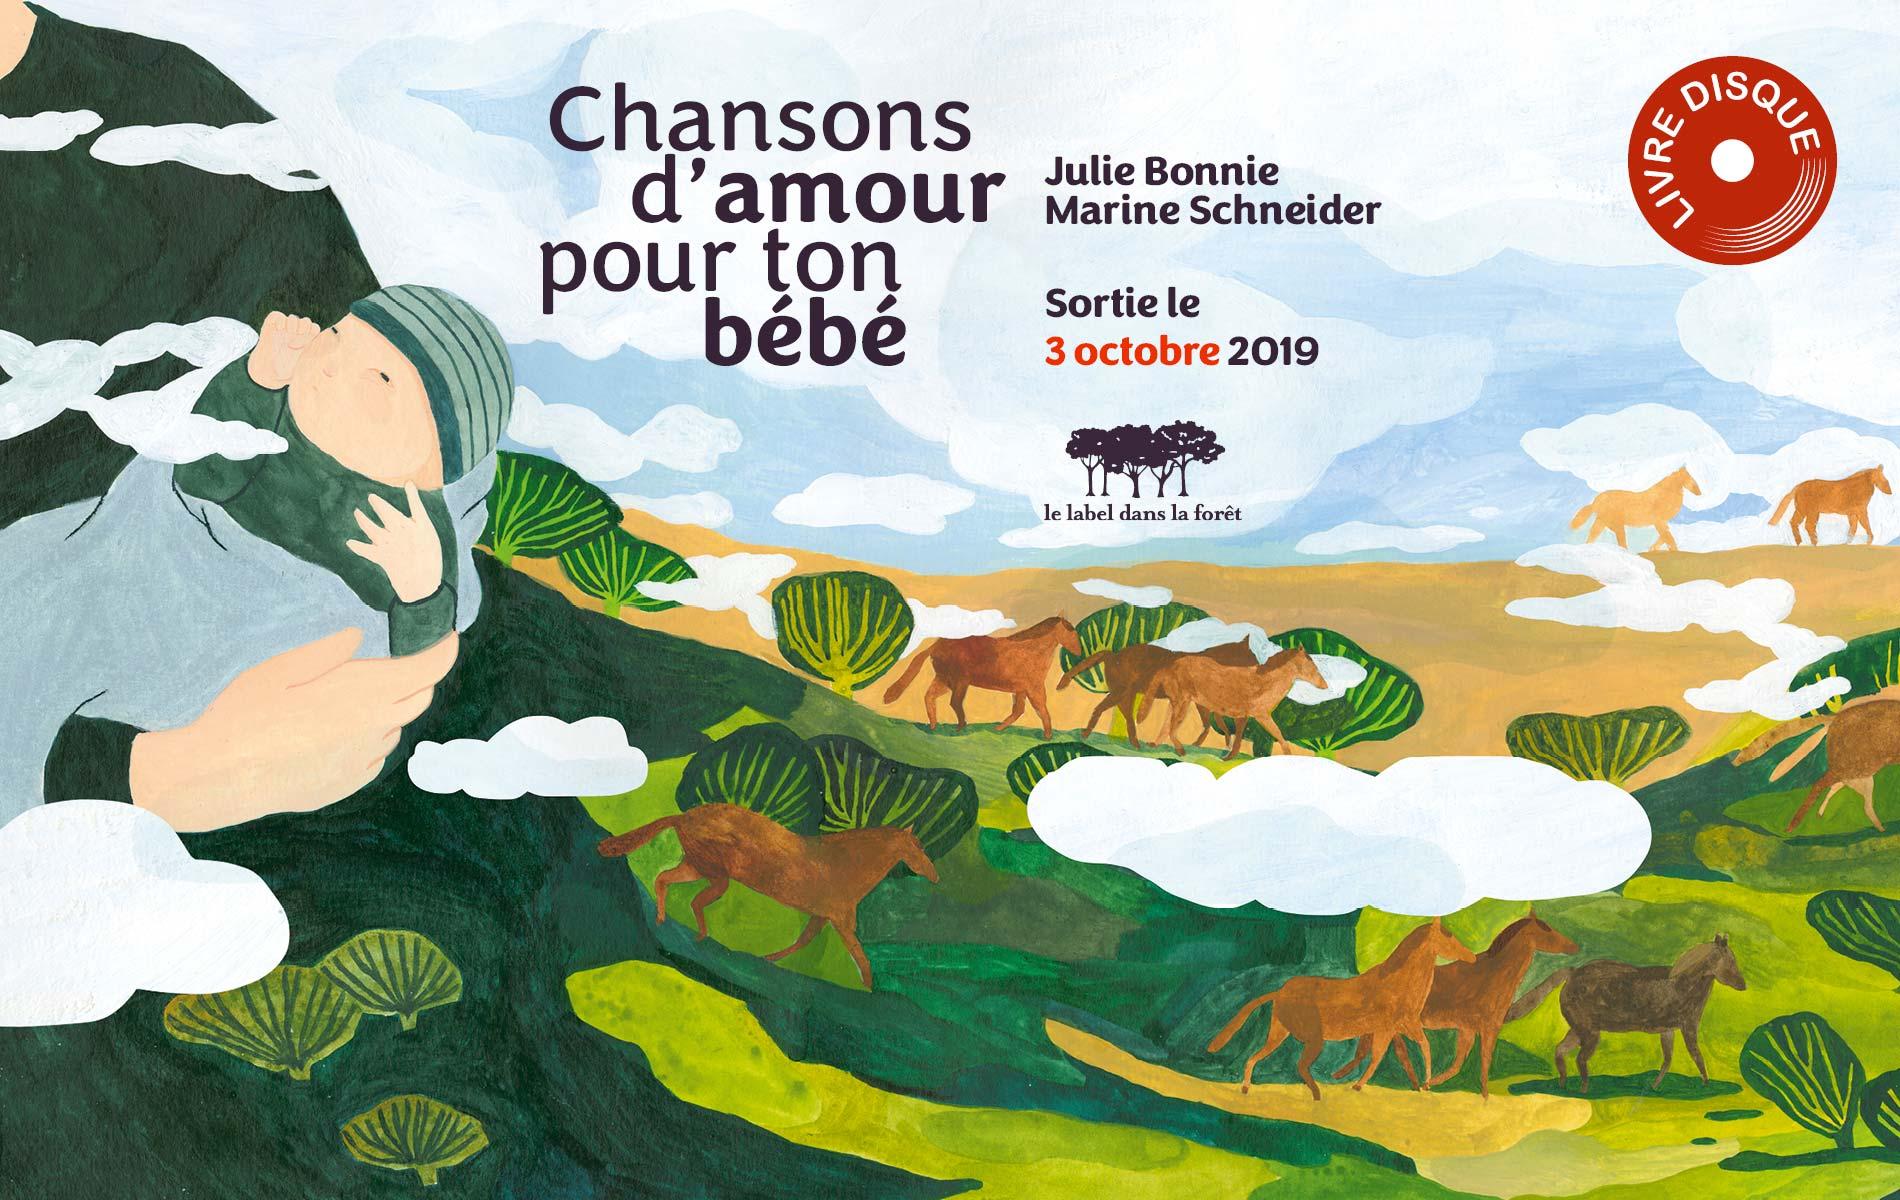 Le Label dans la Forêt - Chansons d'amour pour ton bébé - Julie Bonnie - Slide